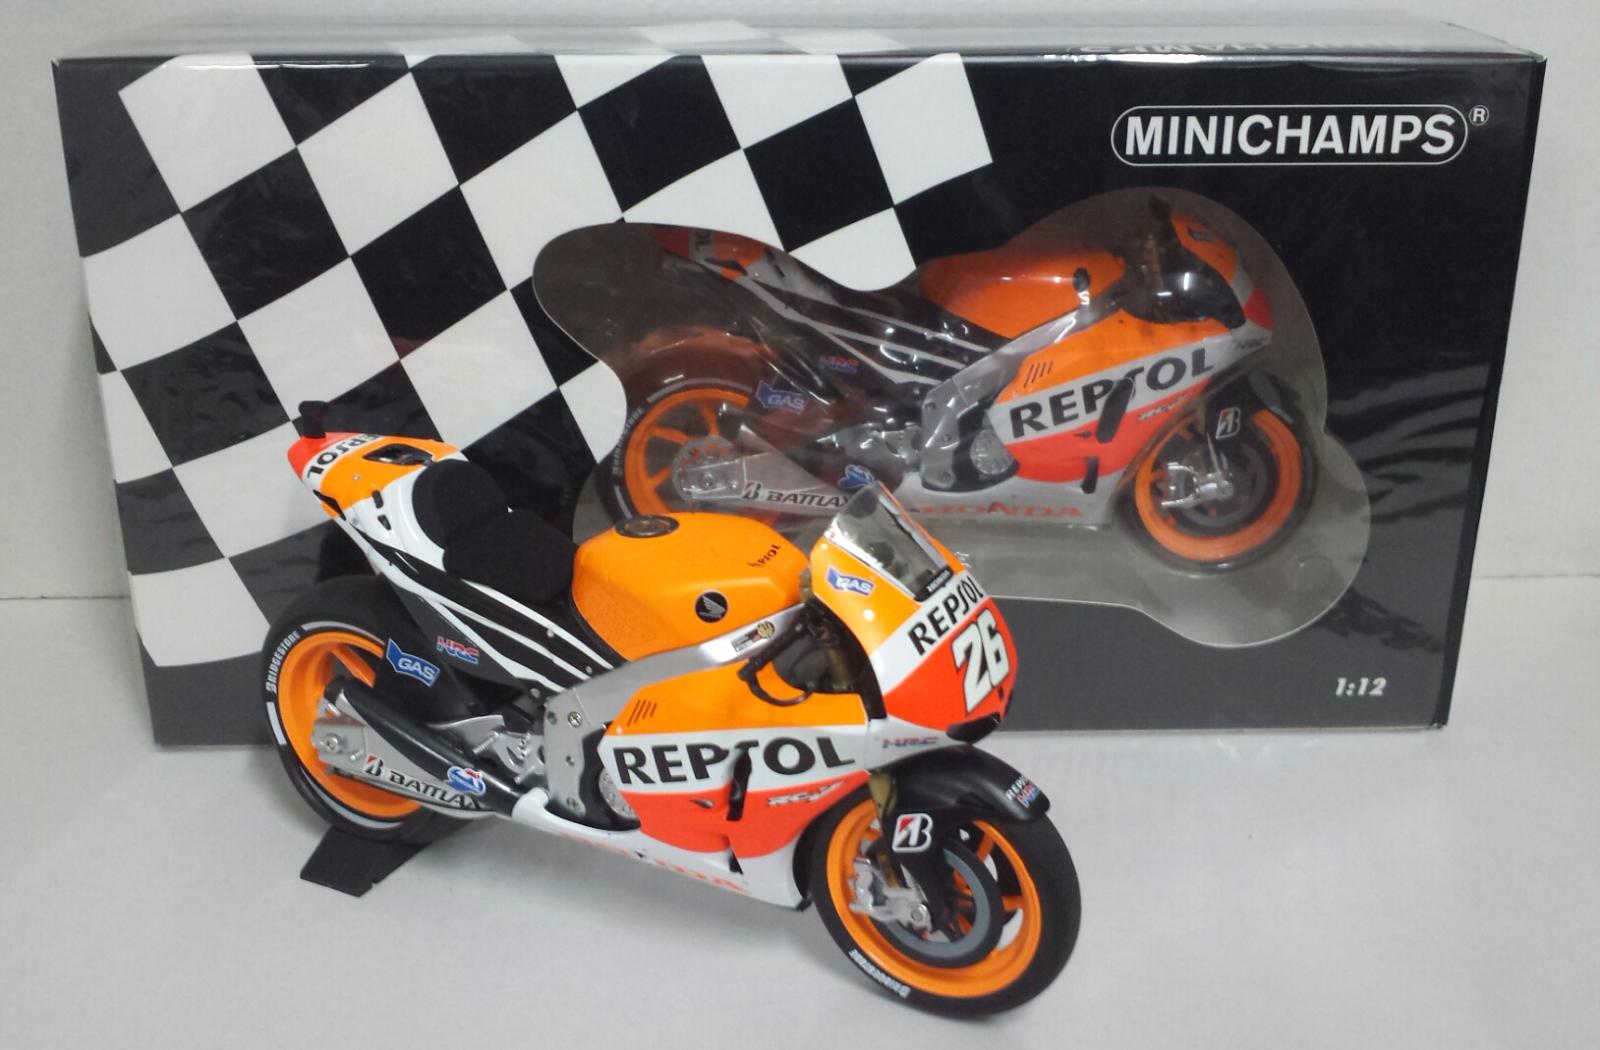 Minichamps daniel pedRosa 1   12 honda rc 213v motogp 2013 neue limited edition